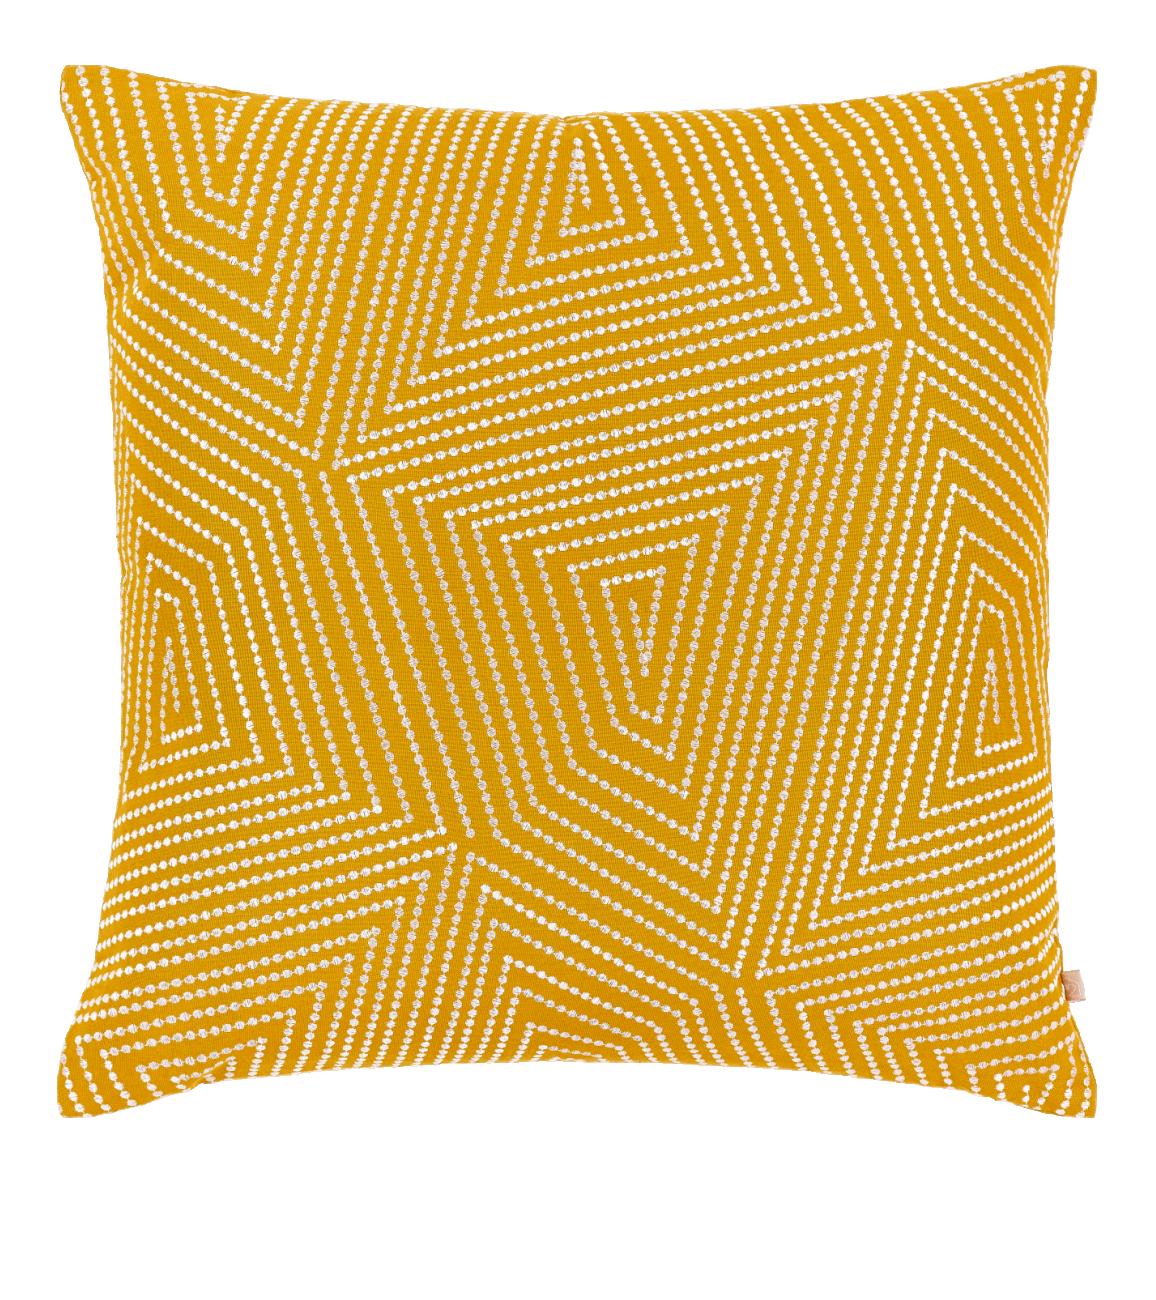 die besten 25 kissen gelb ideen auf pinterest kissen. Black Bedroom Furniture Sets. Home Design Ideas